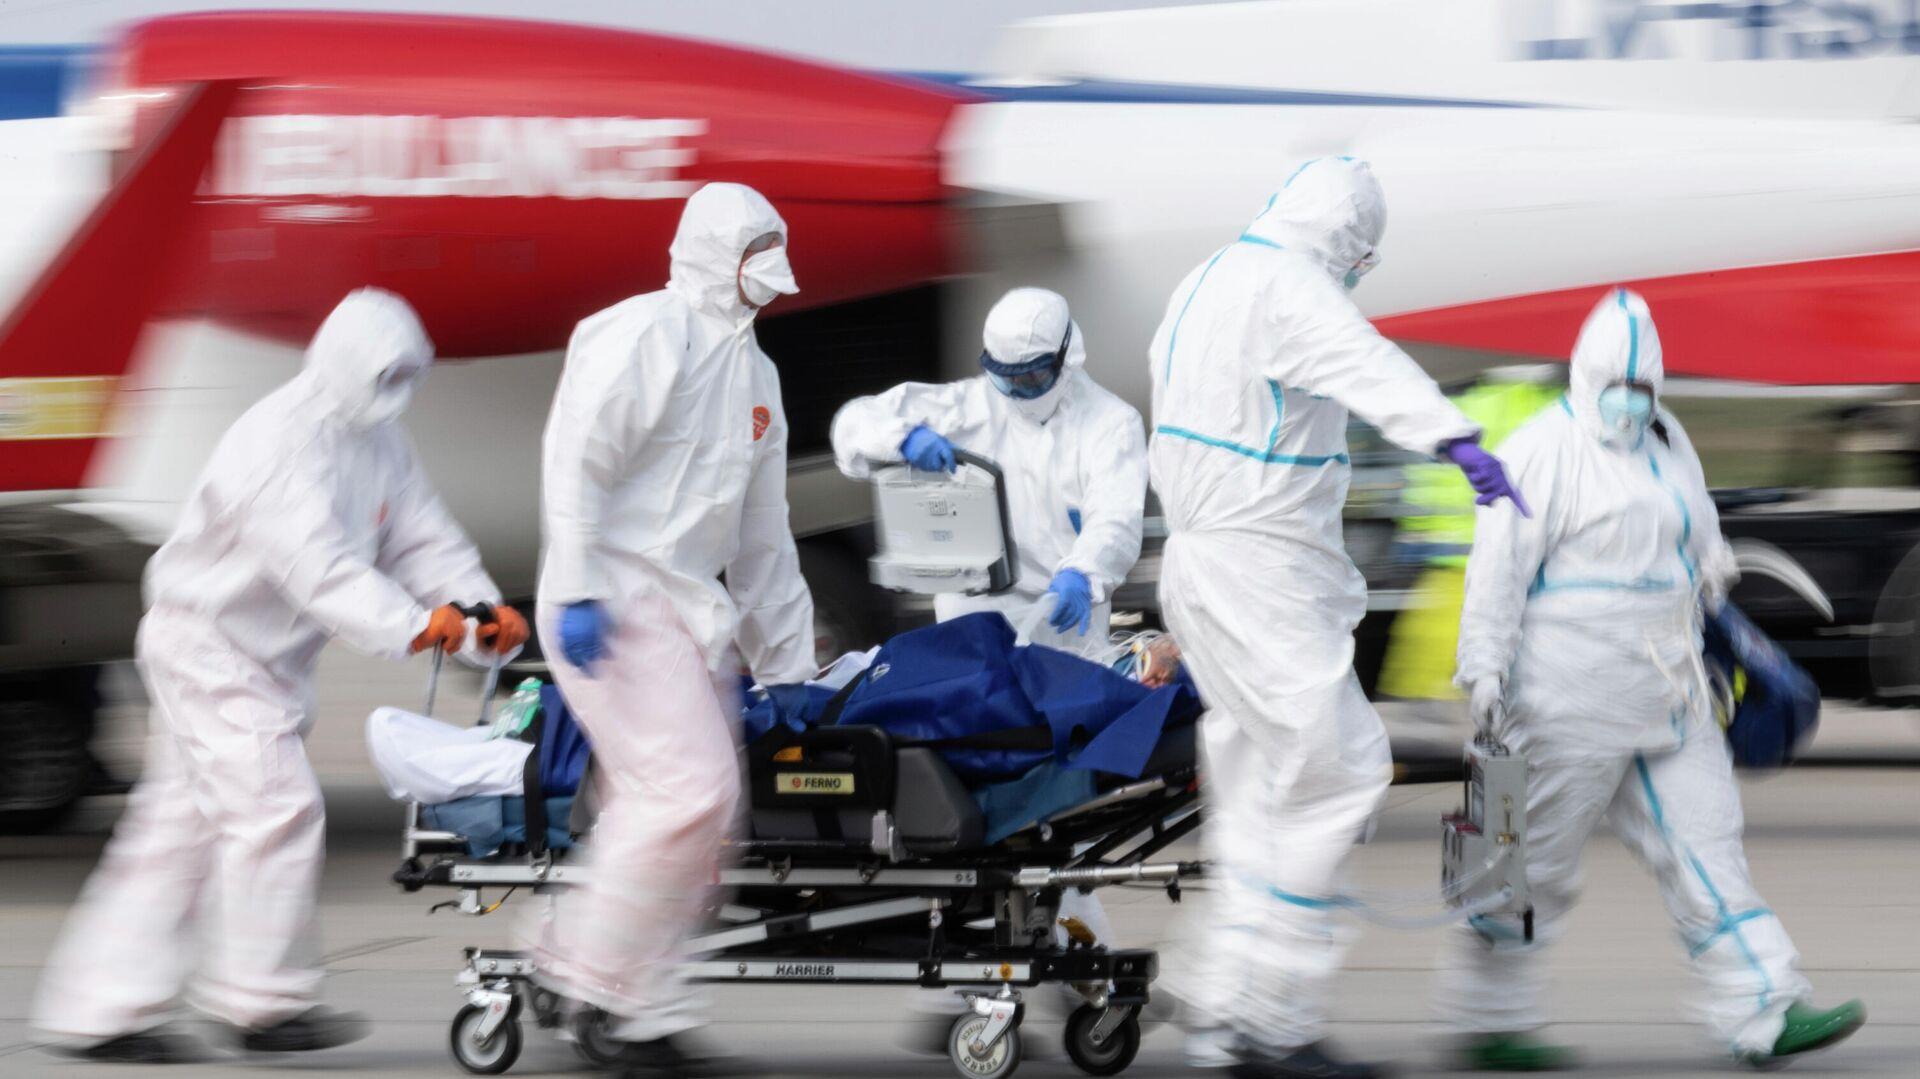 Медицинские работники везут пациента с коронавирусной инфекцией в Дрездене, Германия - РИА Новости, 1920, 16.11.2020